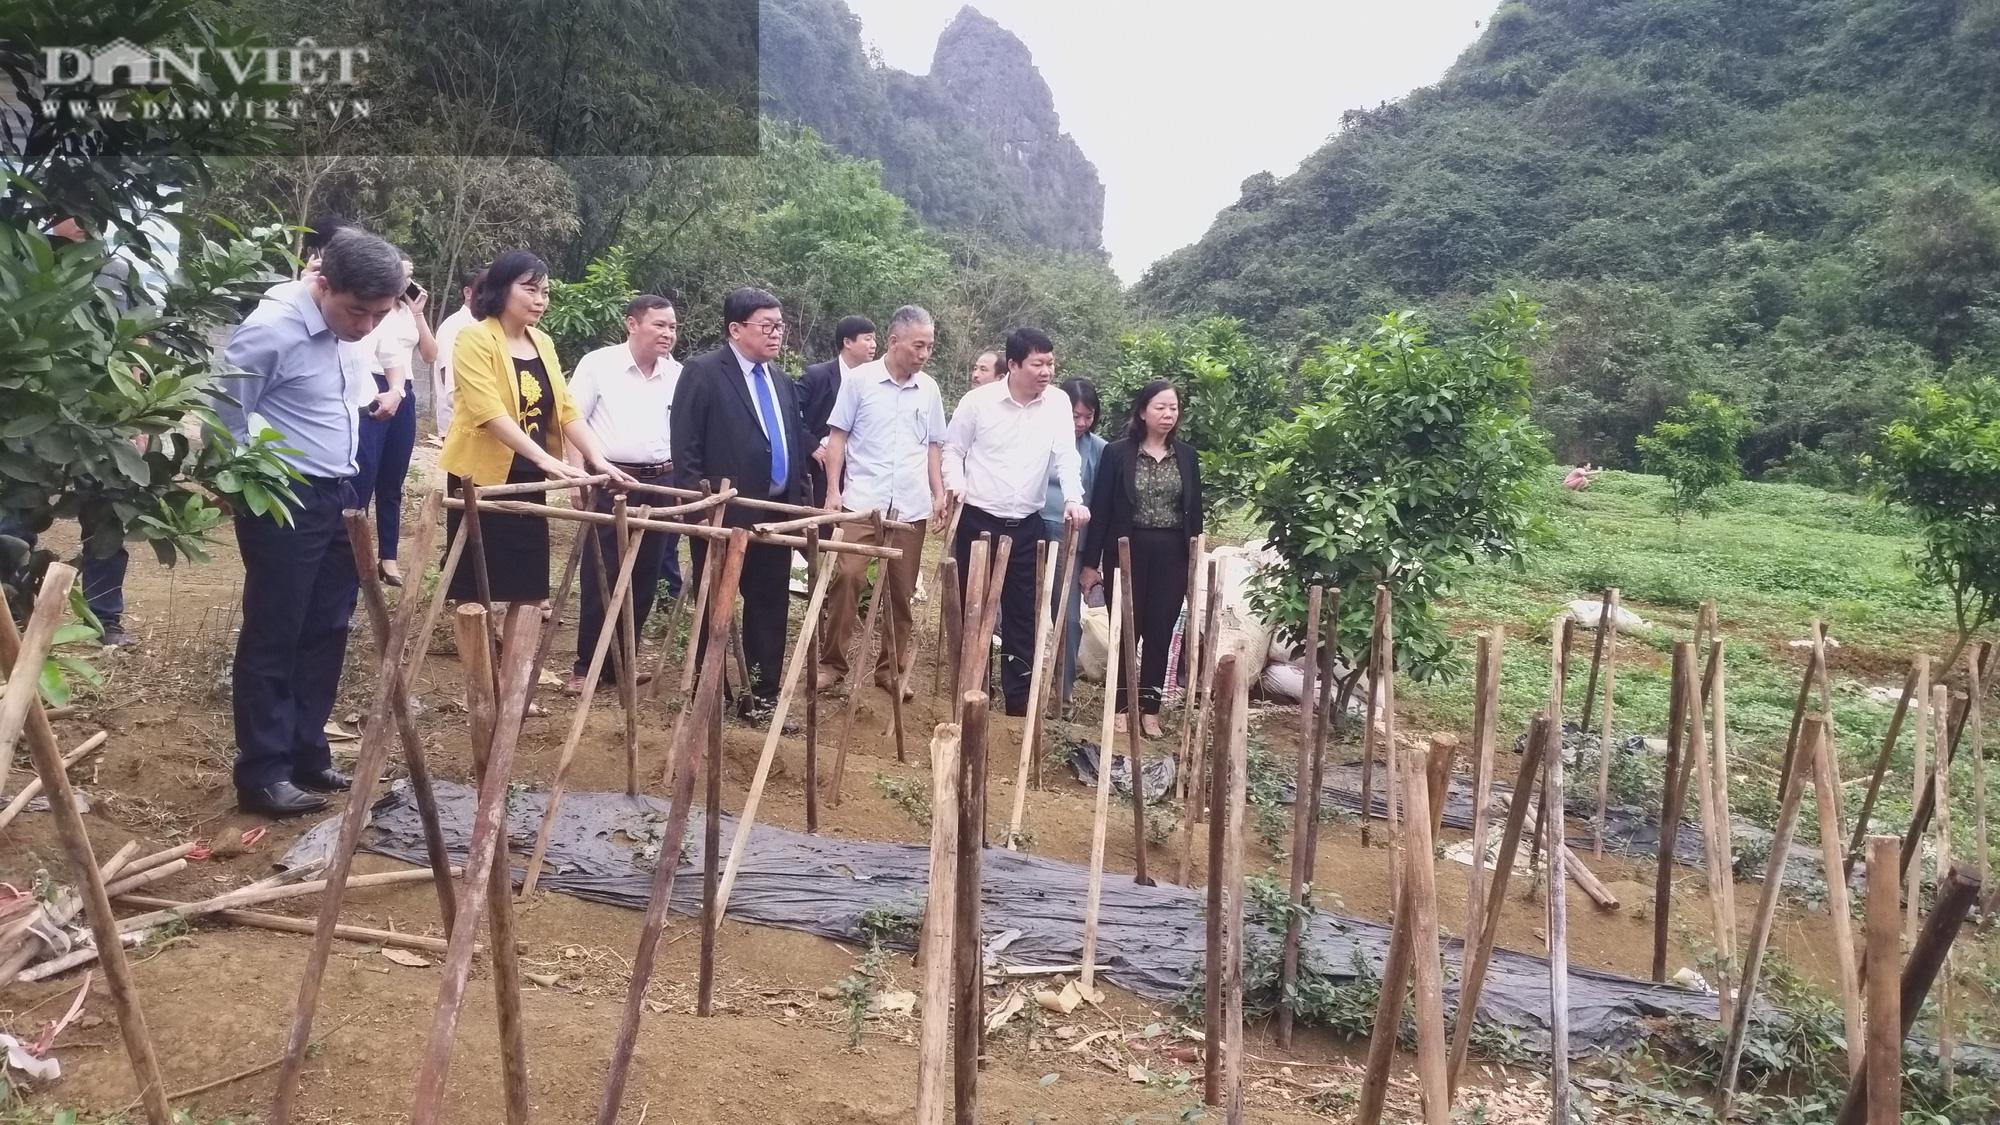 Chủ tịch Hội Nông dân Việt Nam vượt hàng đá thăm trang trại nuôi con đặc sản thu gần 7 tỷ đồng/năm ở Hòa Bình - Ảnh 7.